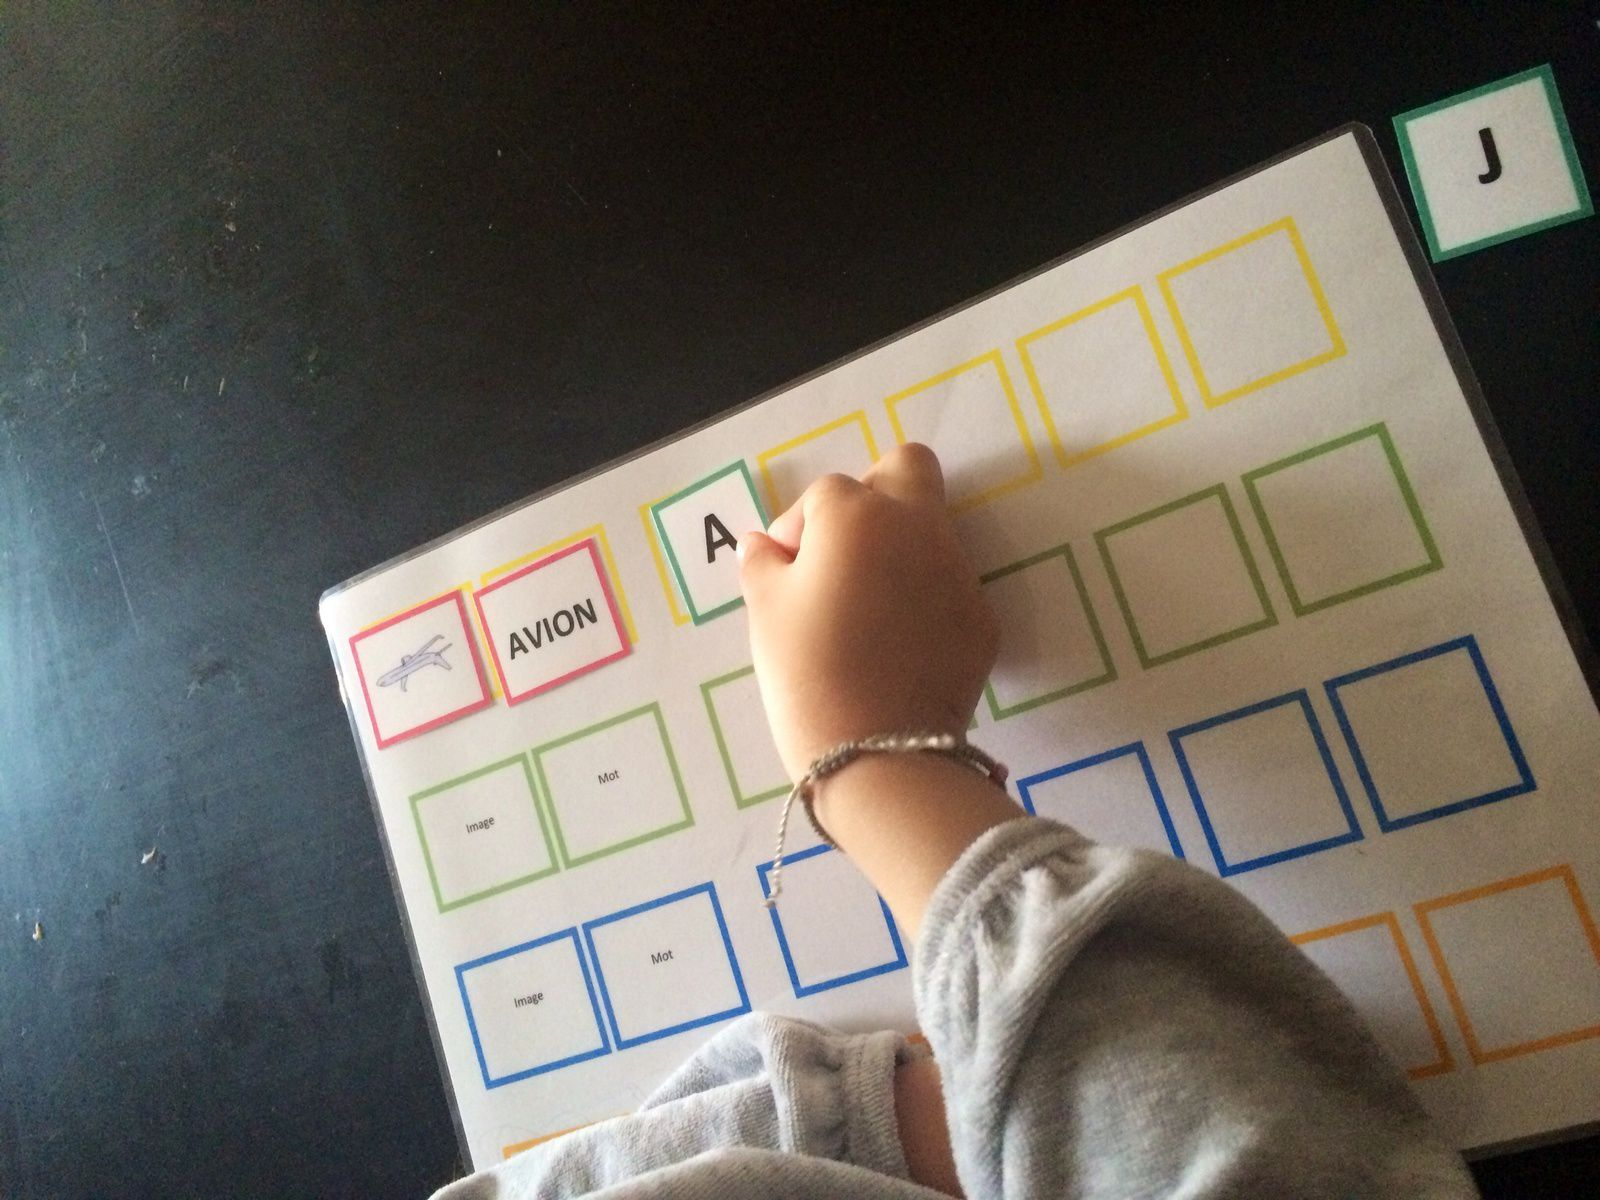 Apprendre l'alphabet, lire et écrire